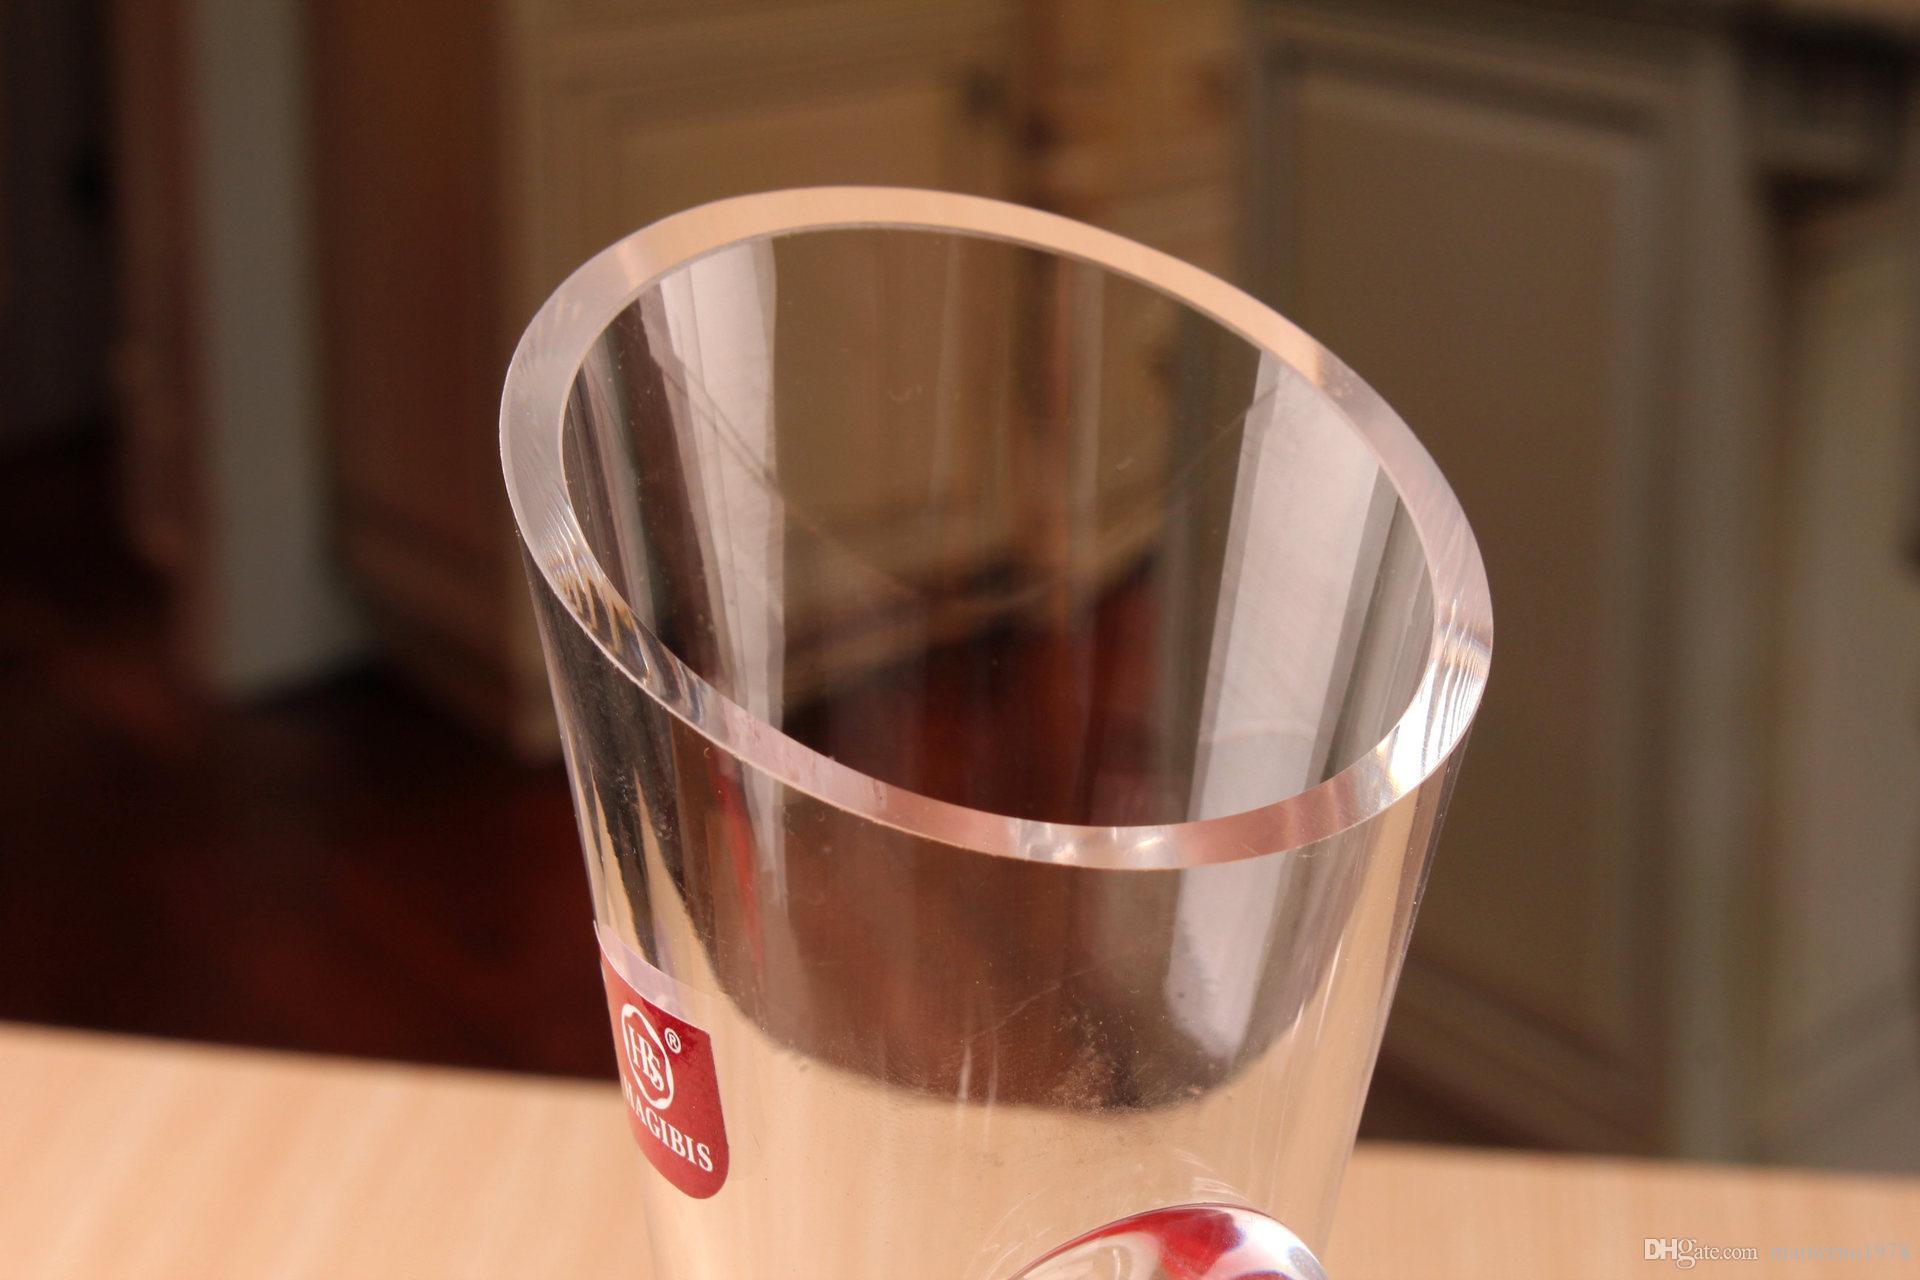 1 STÜCK 1500 ml Neue Glaskaraffe Bevel Auslauf Weinkaraffe Wein Belüfter Container Dispenser Karaffe Flasche Krug wein ausgießer J1112